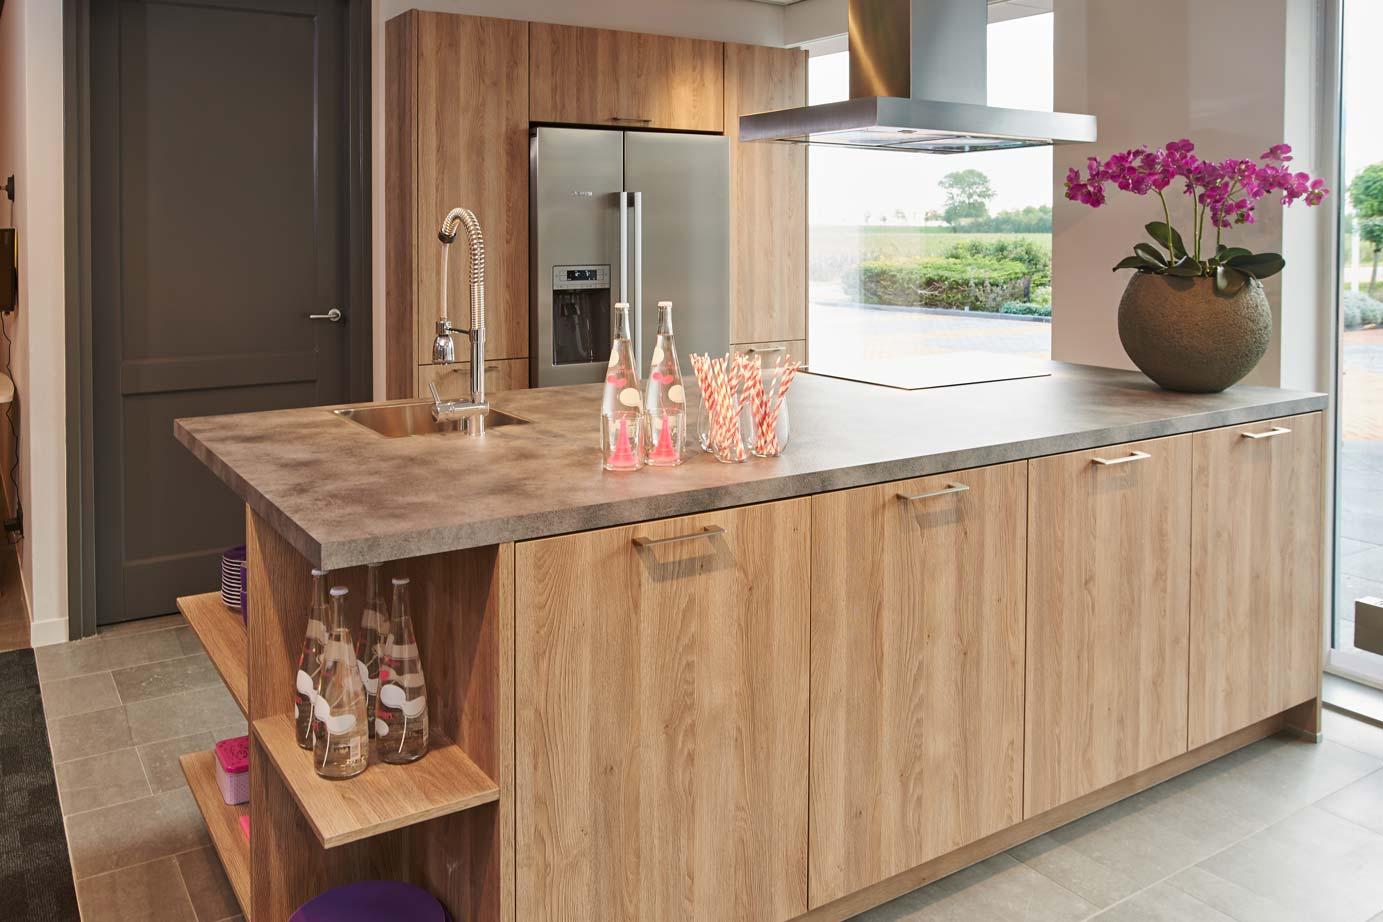 Strakke eiken keuken handgemaakte keukens startpagina voor keuken ideen uw xnovinky landelijke - Eigentijdse keuken grijs ...